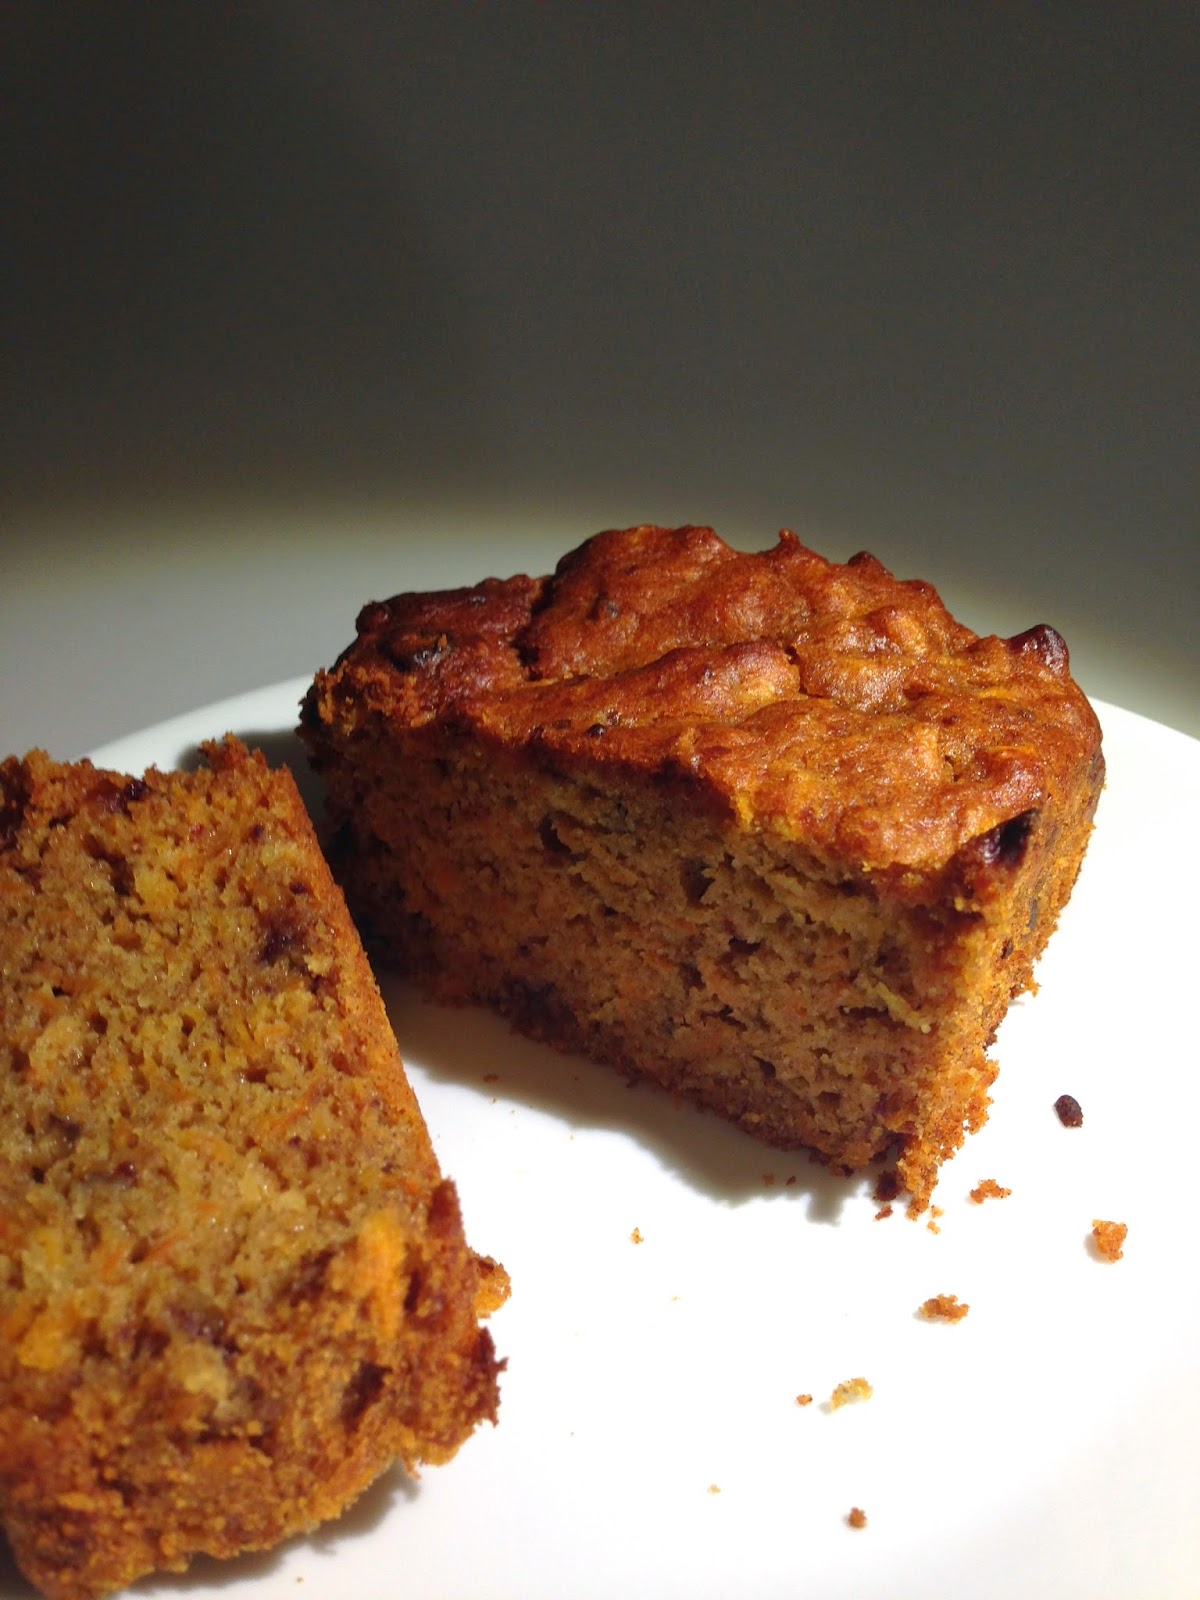 Carrot Cake Using Self Raising Flour No Baking Powder